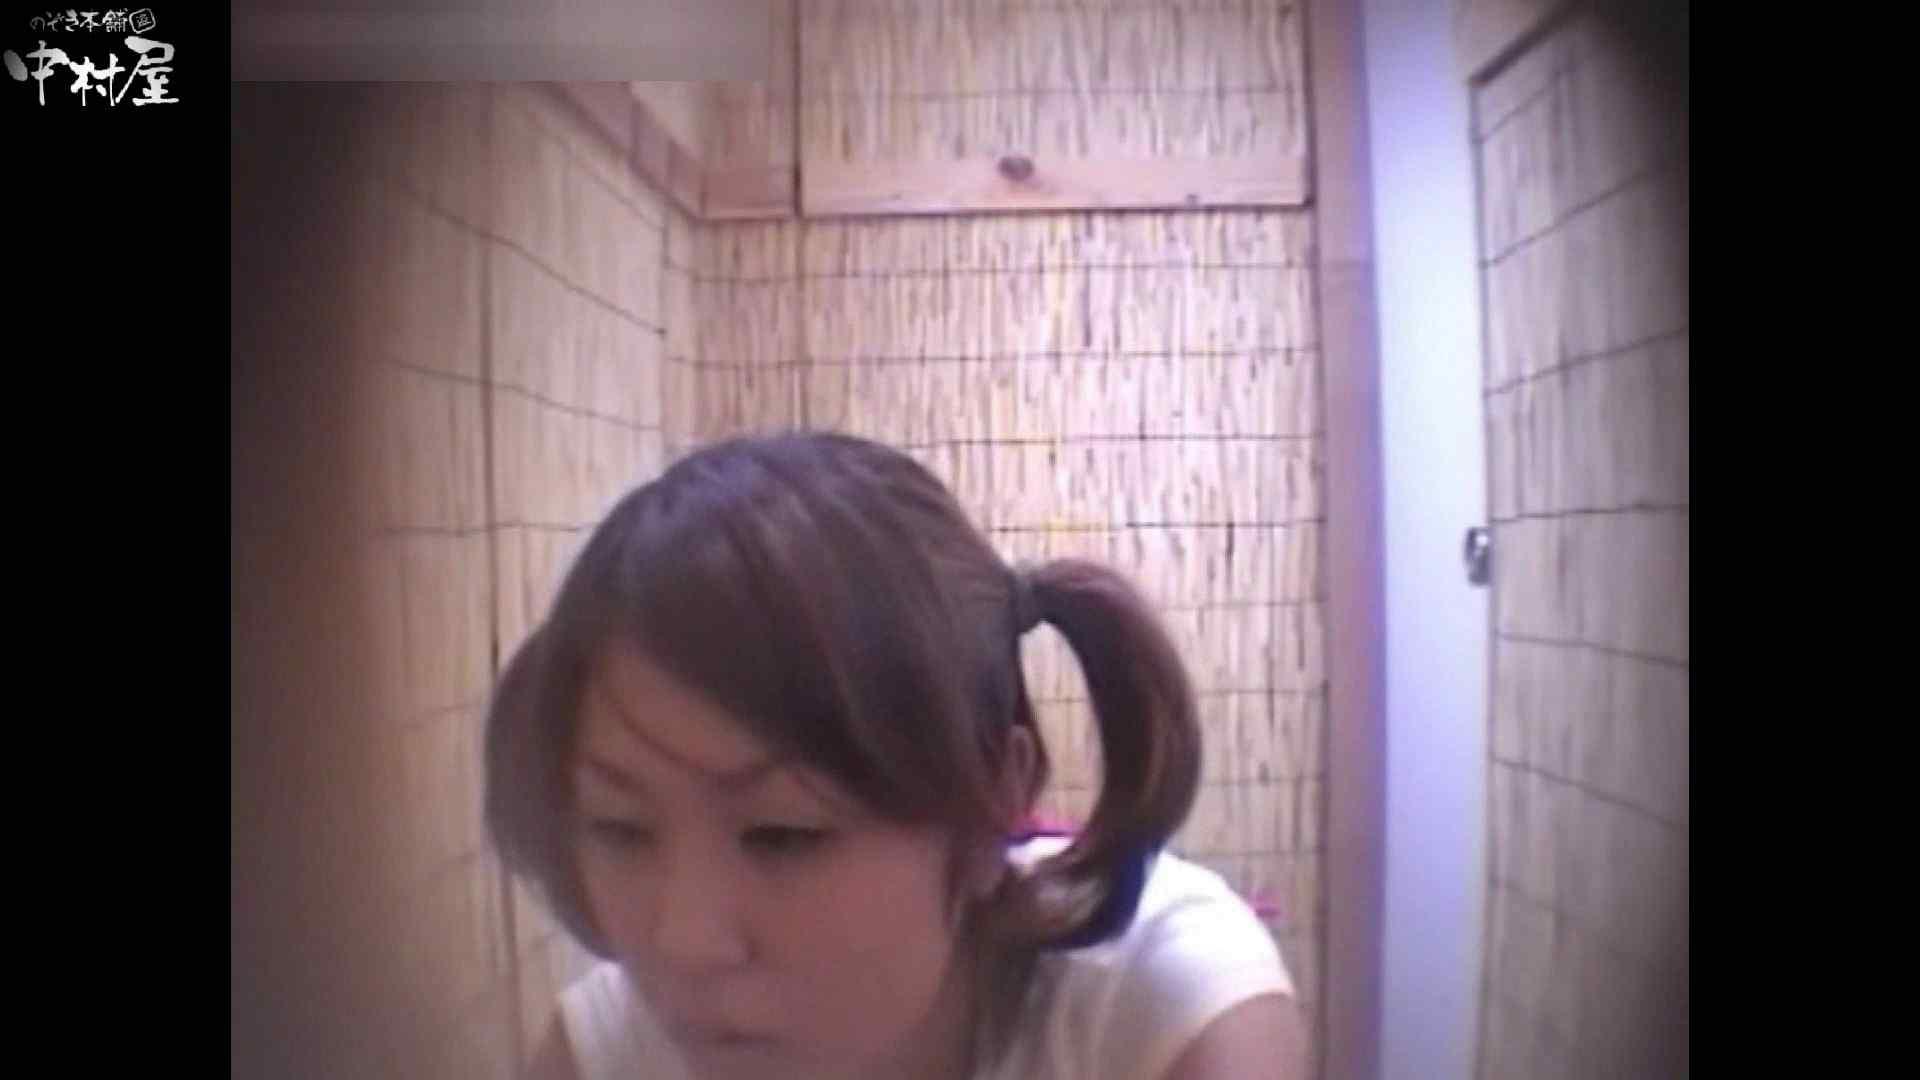 解禁!海の家4カメ洗面所vol.35 ギャルのエロ生活 のぞき動画画像 99連発 98